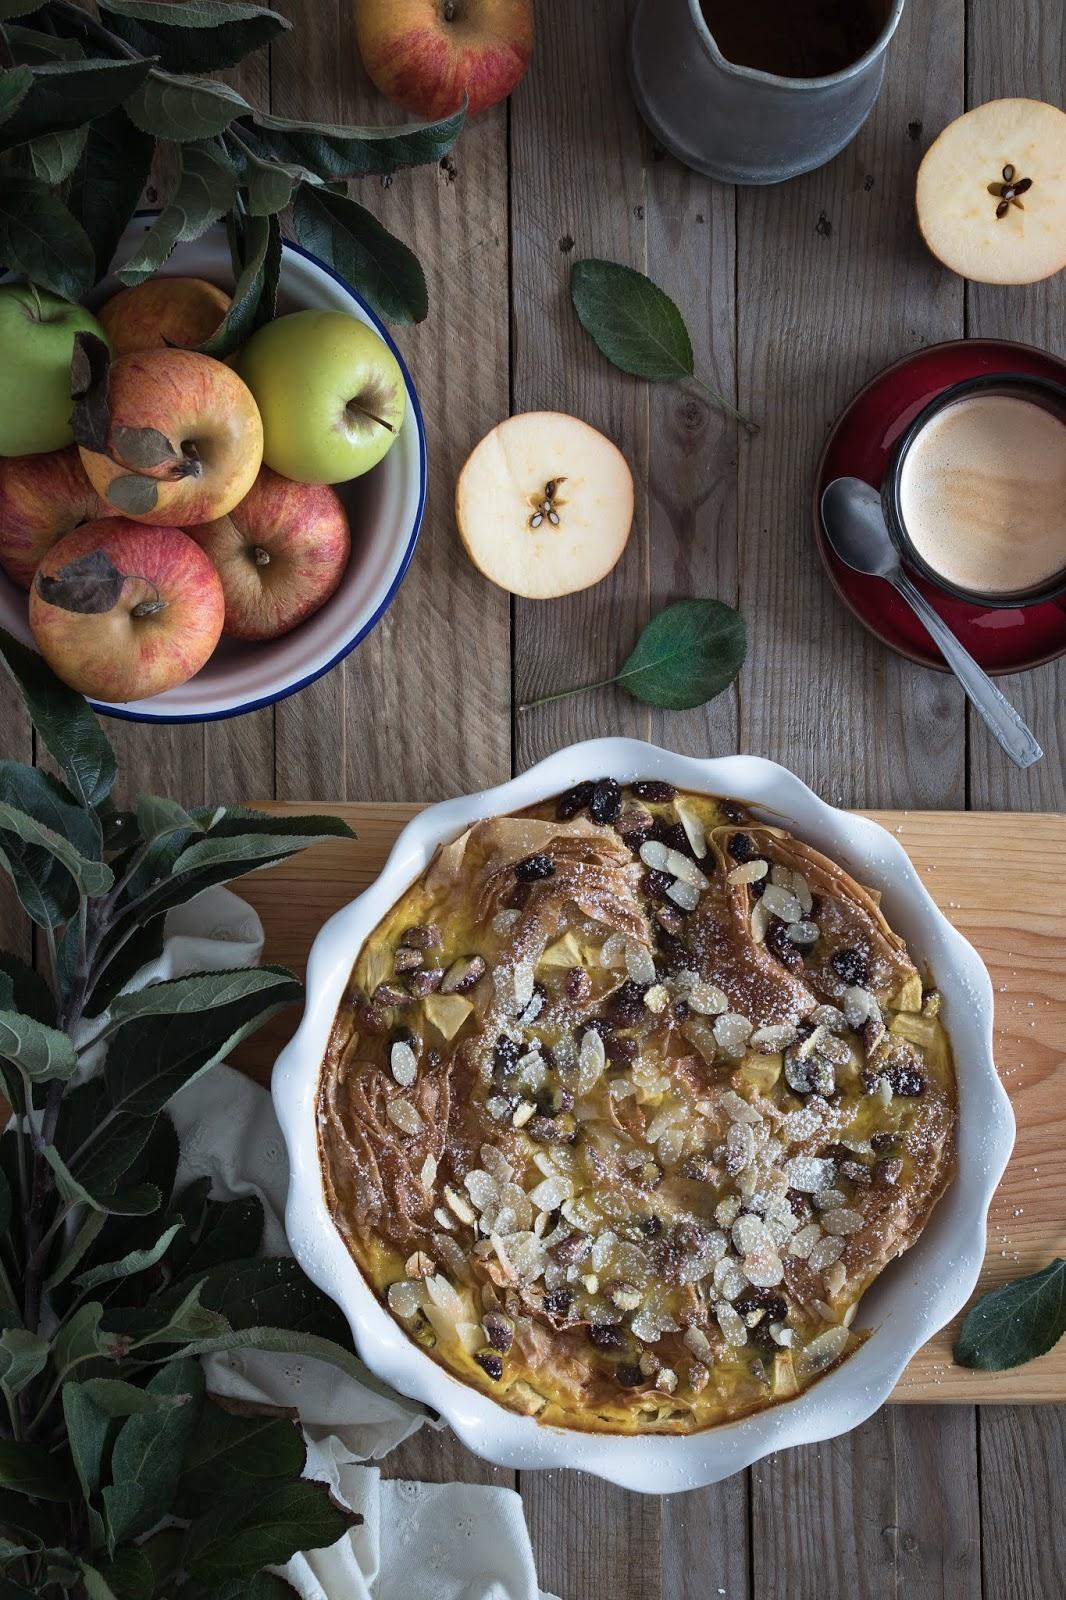 massa filó, tarte, leite, frutos secos, maçã